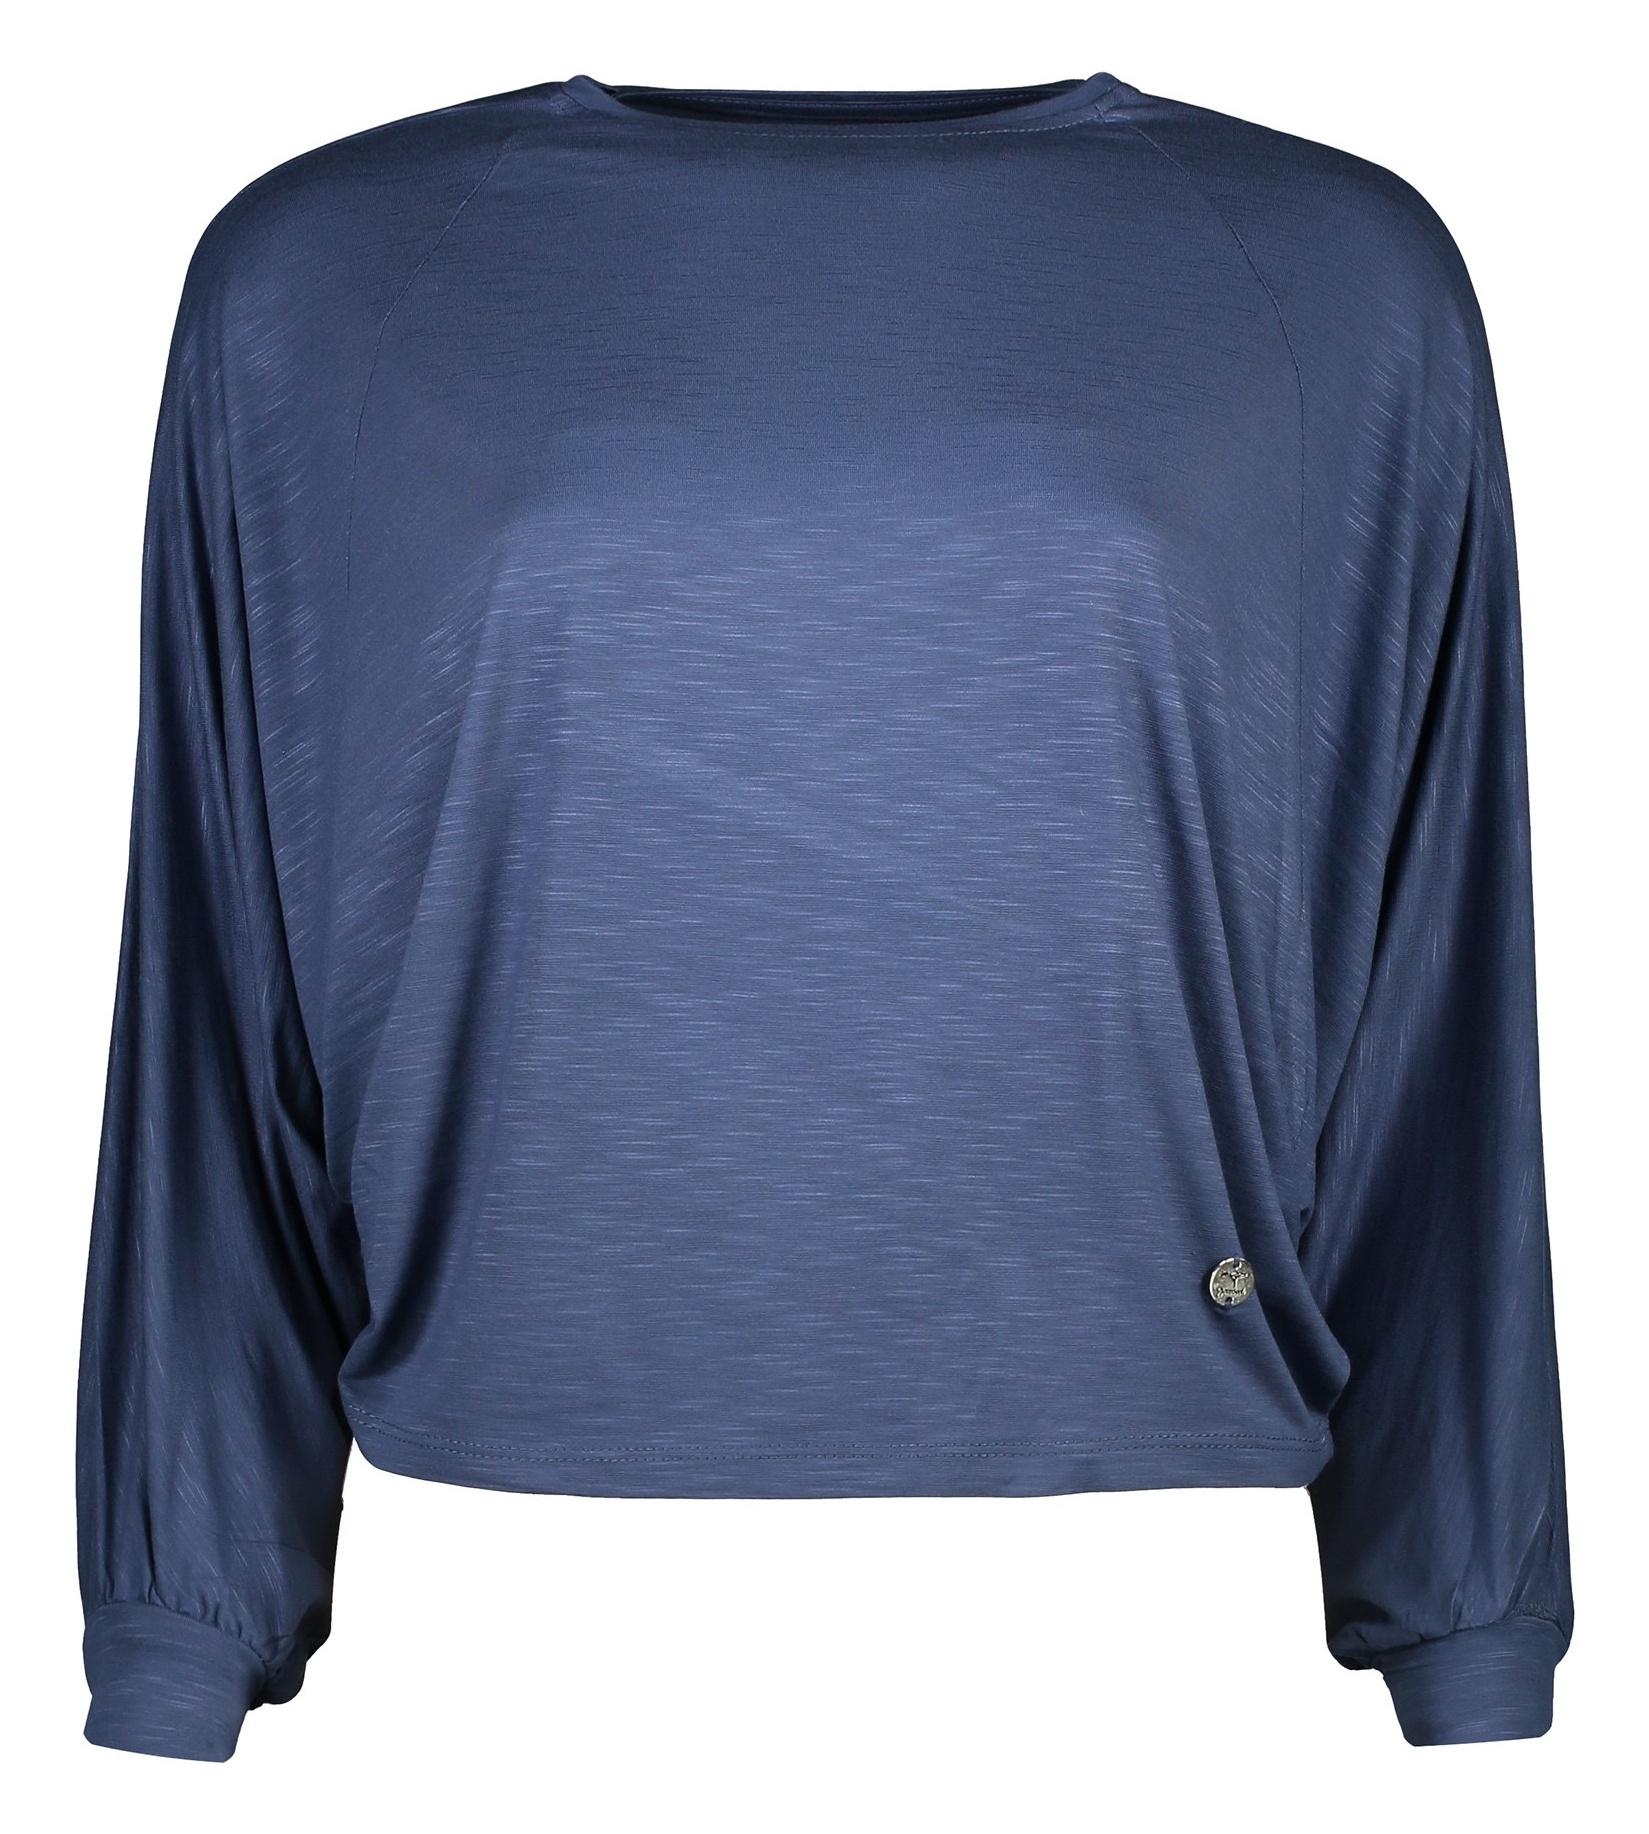 تی شرت ویسکوز آستین بلند زنانه - گارودی - آبي نفتي - 1